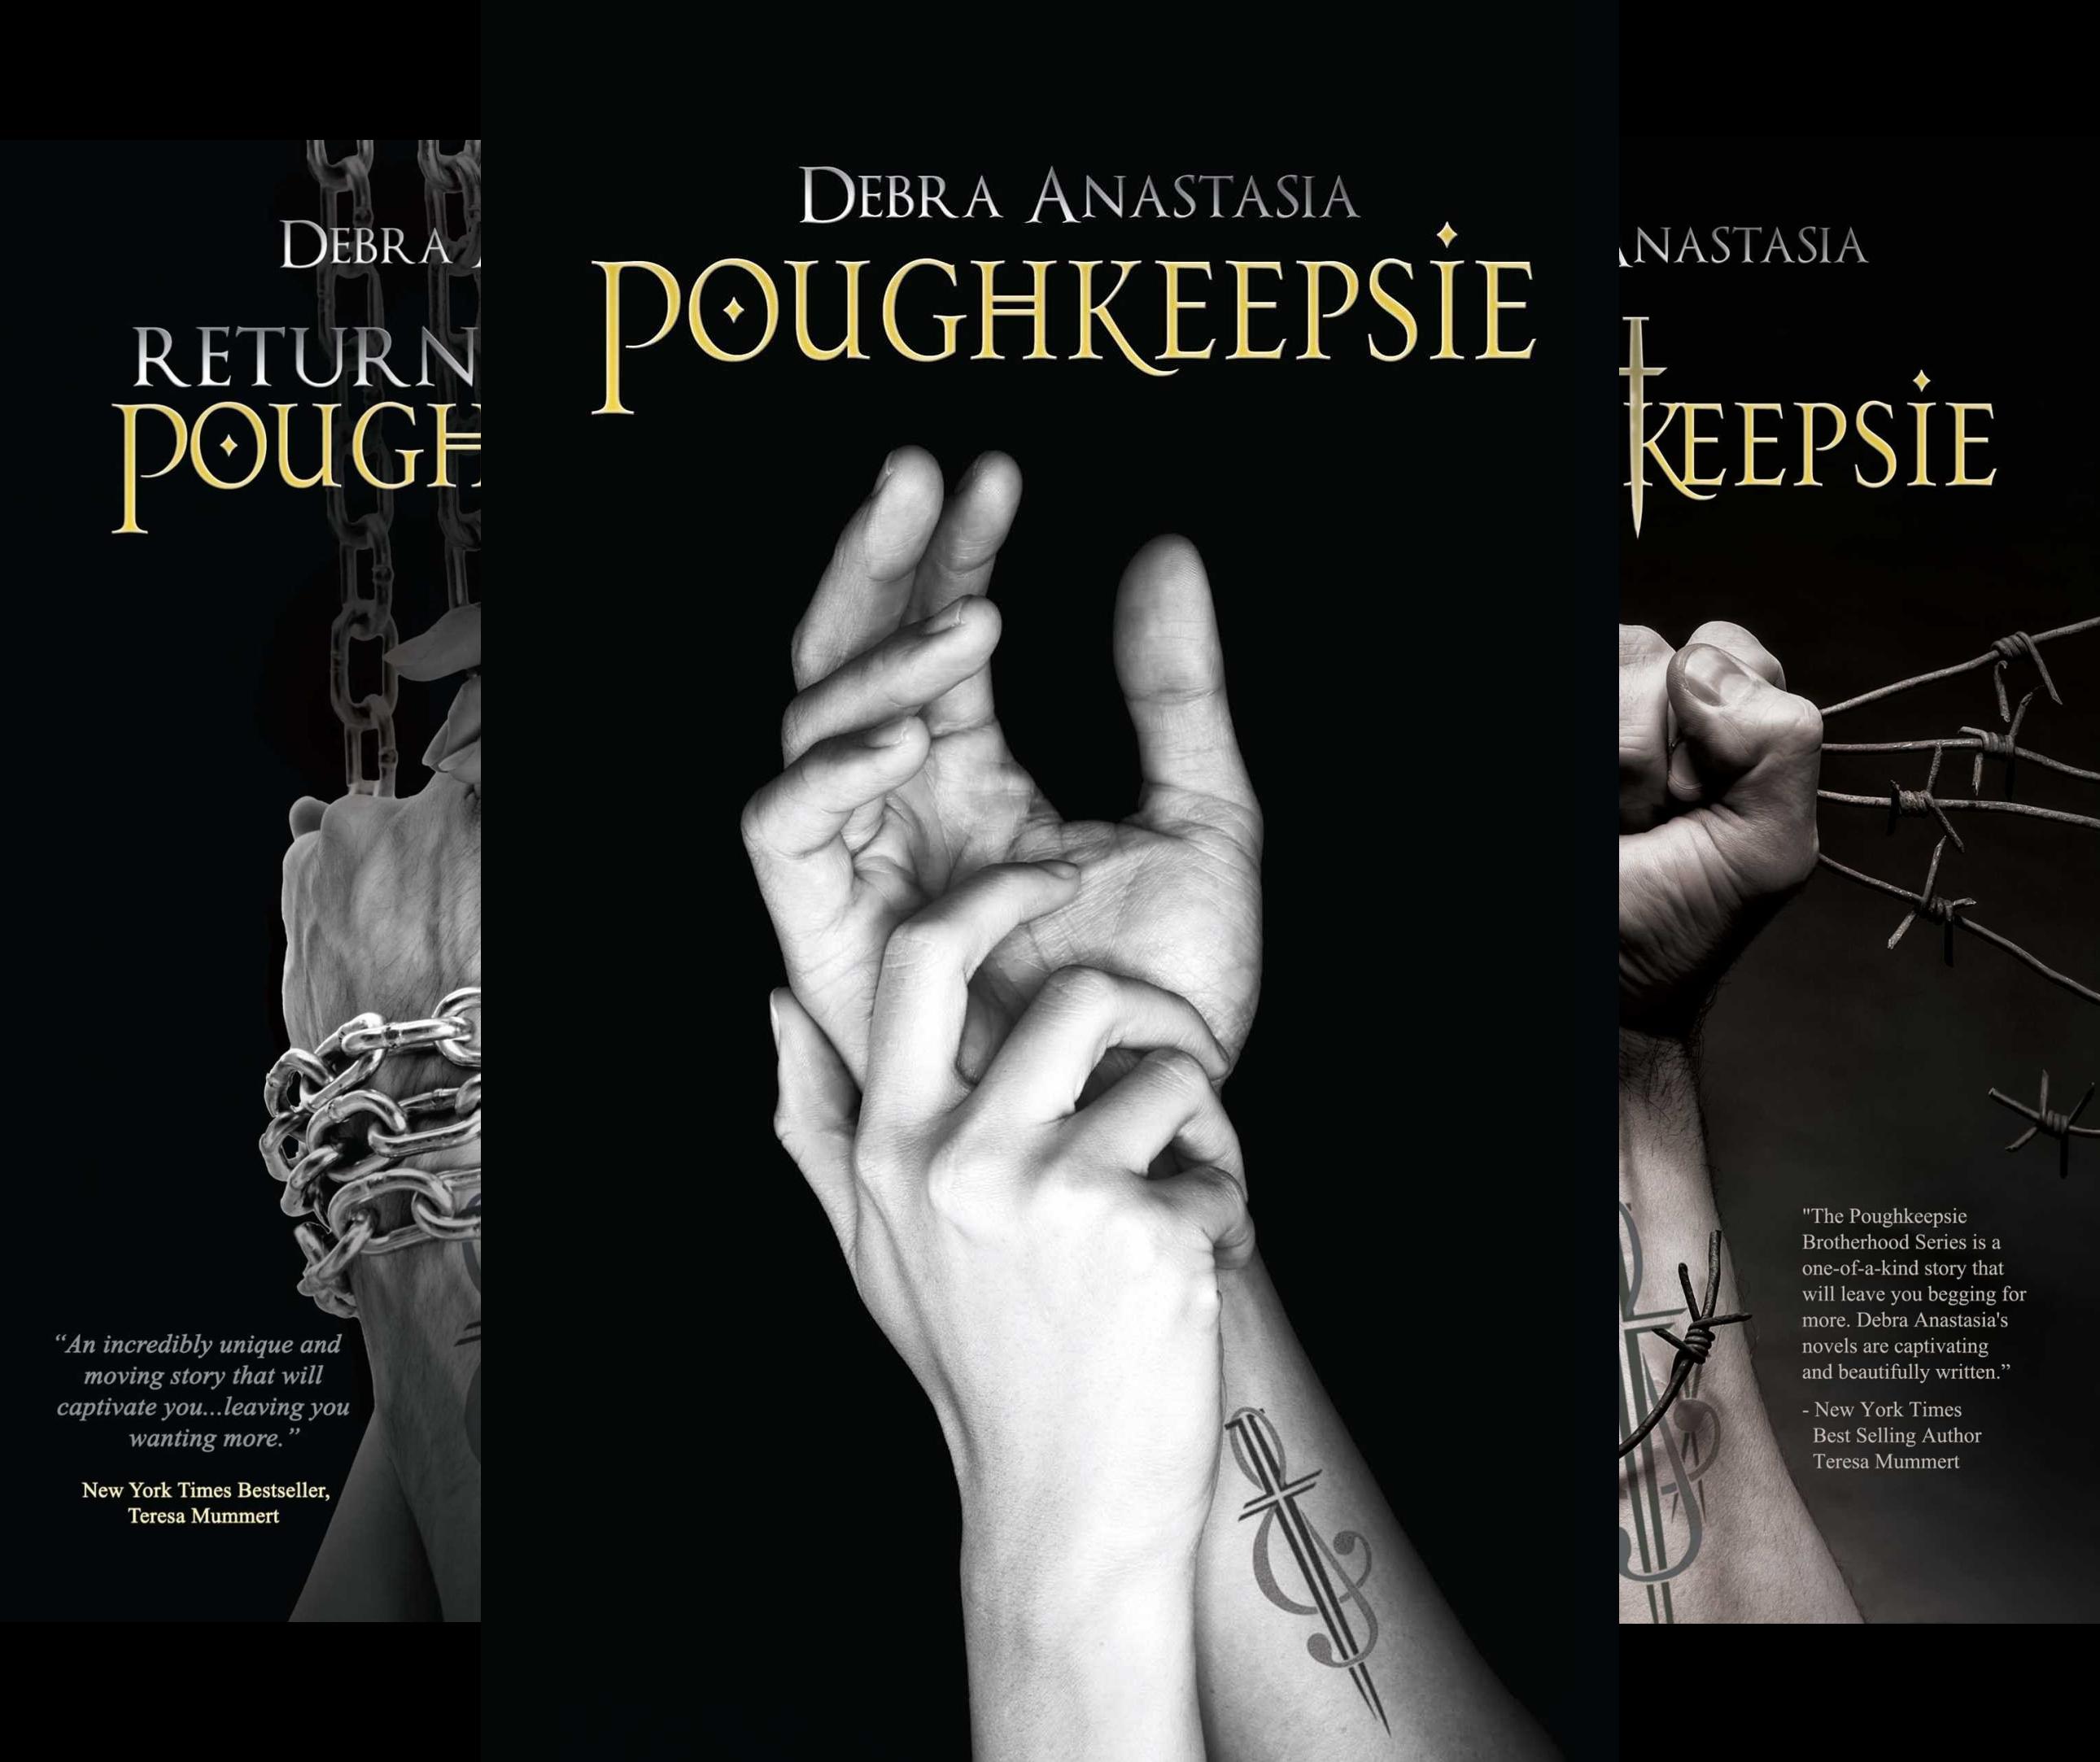 The Poughkeepsie Brotherhood Series (4 Book Series)